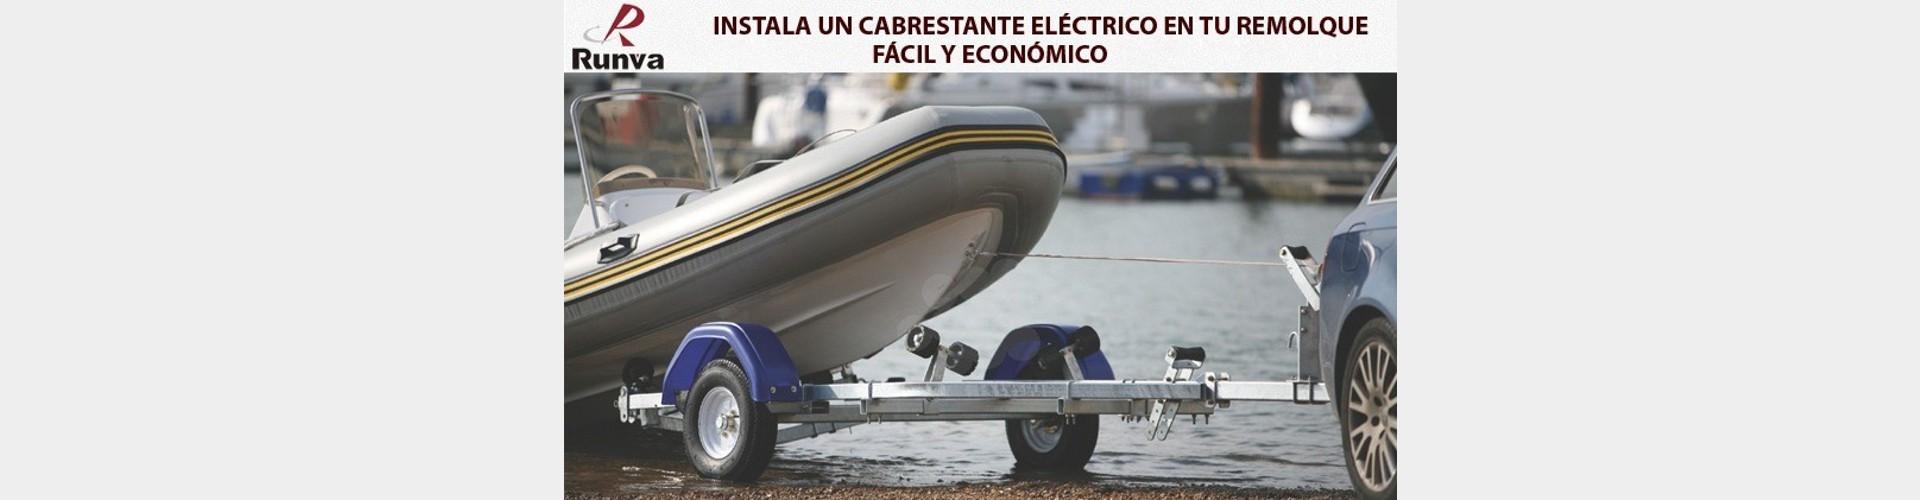 Cabrestante eléctrico náutica